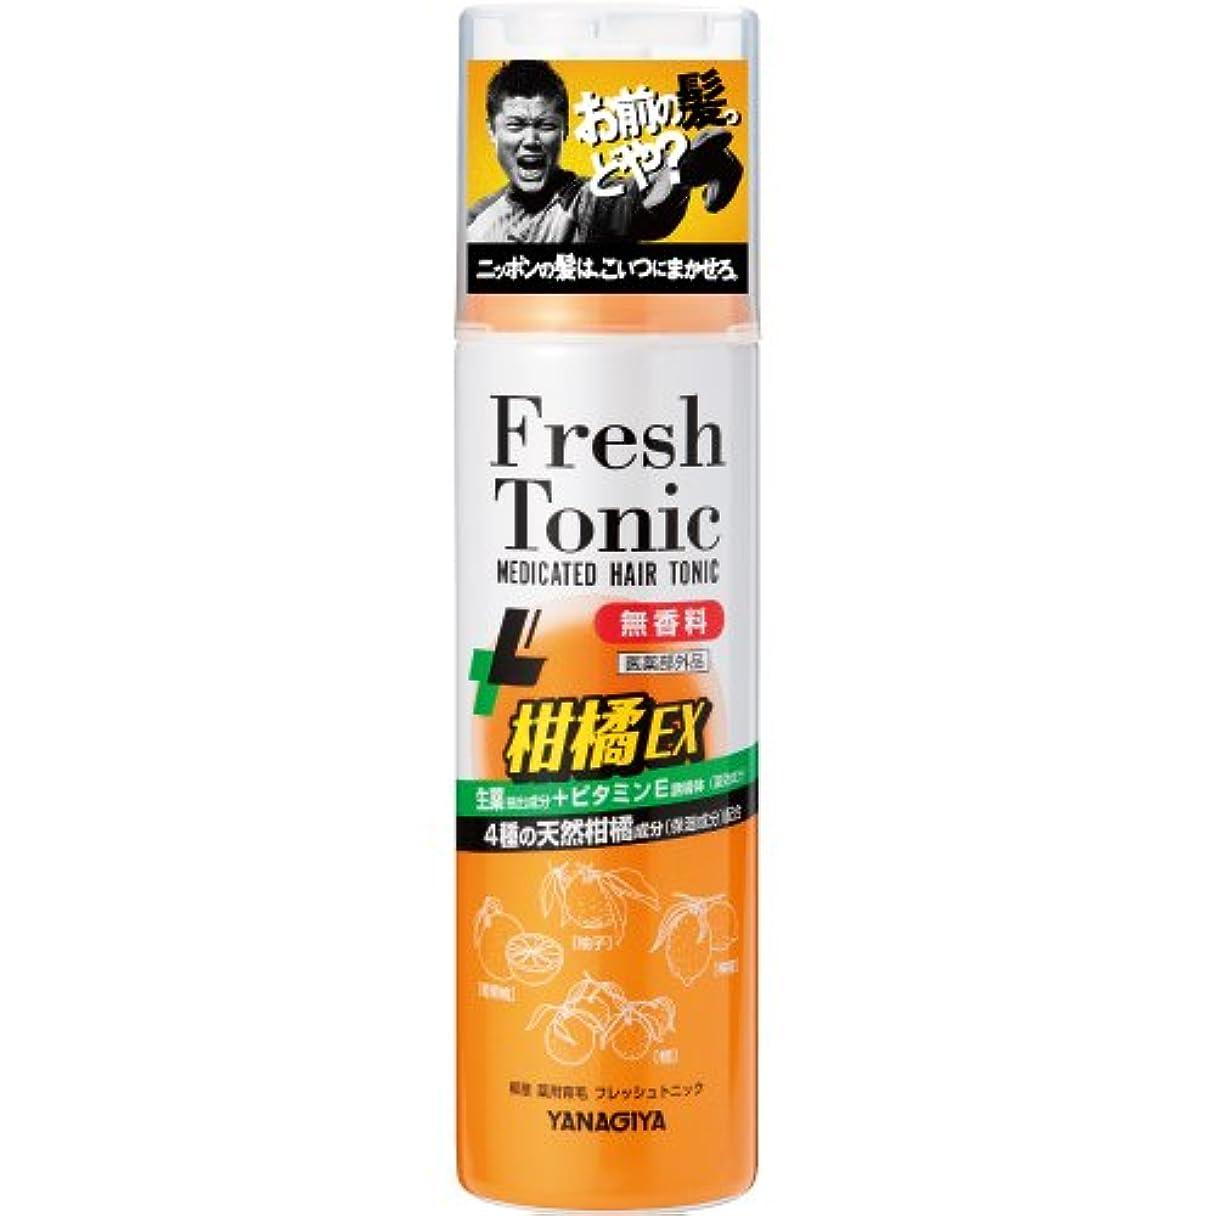 欲求不満決定的描く柳屋 薬用育毛 フレッシュトニック 柑橘EX <無香料> 190g